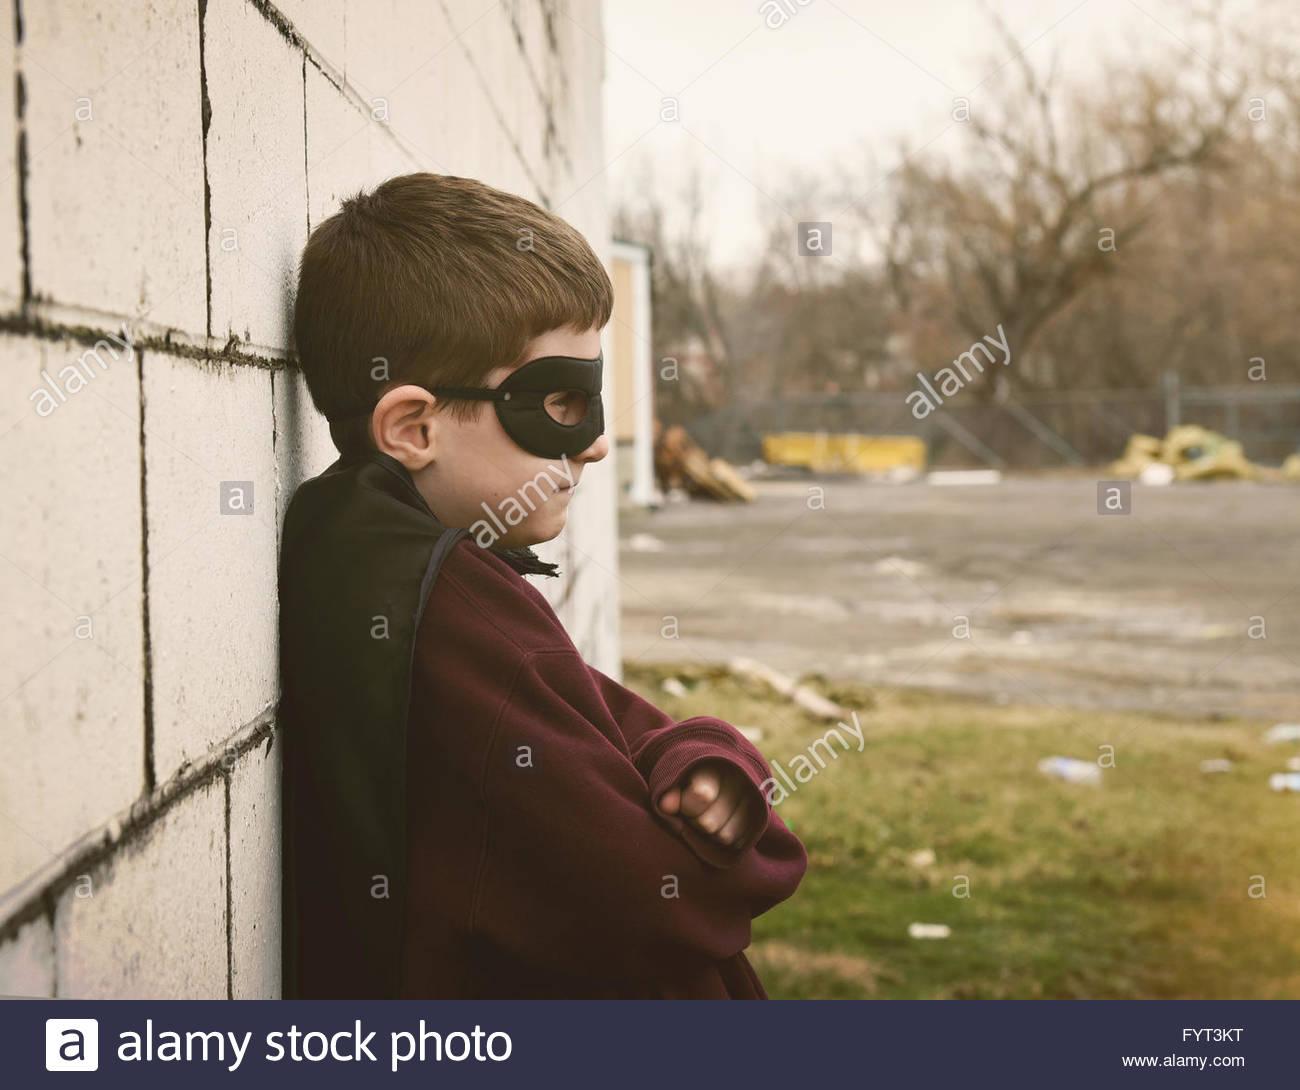 Ein kleiner Junge ist wie ein Superheld gegen eine Wand mit einer Stadt Zaun und Verschmutzung für eine Umwelt Stockbild